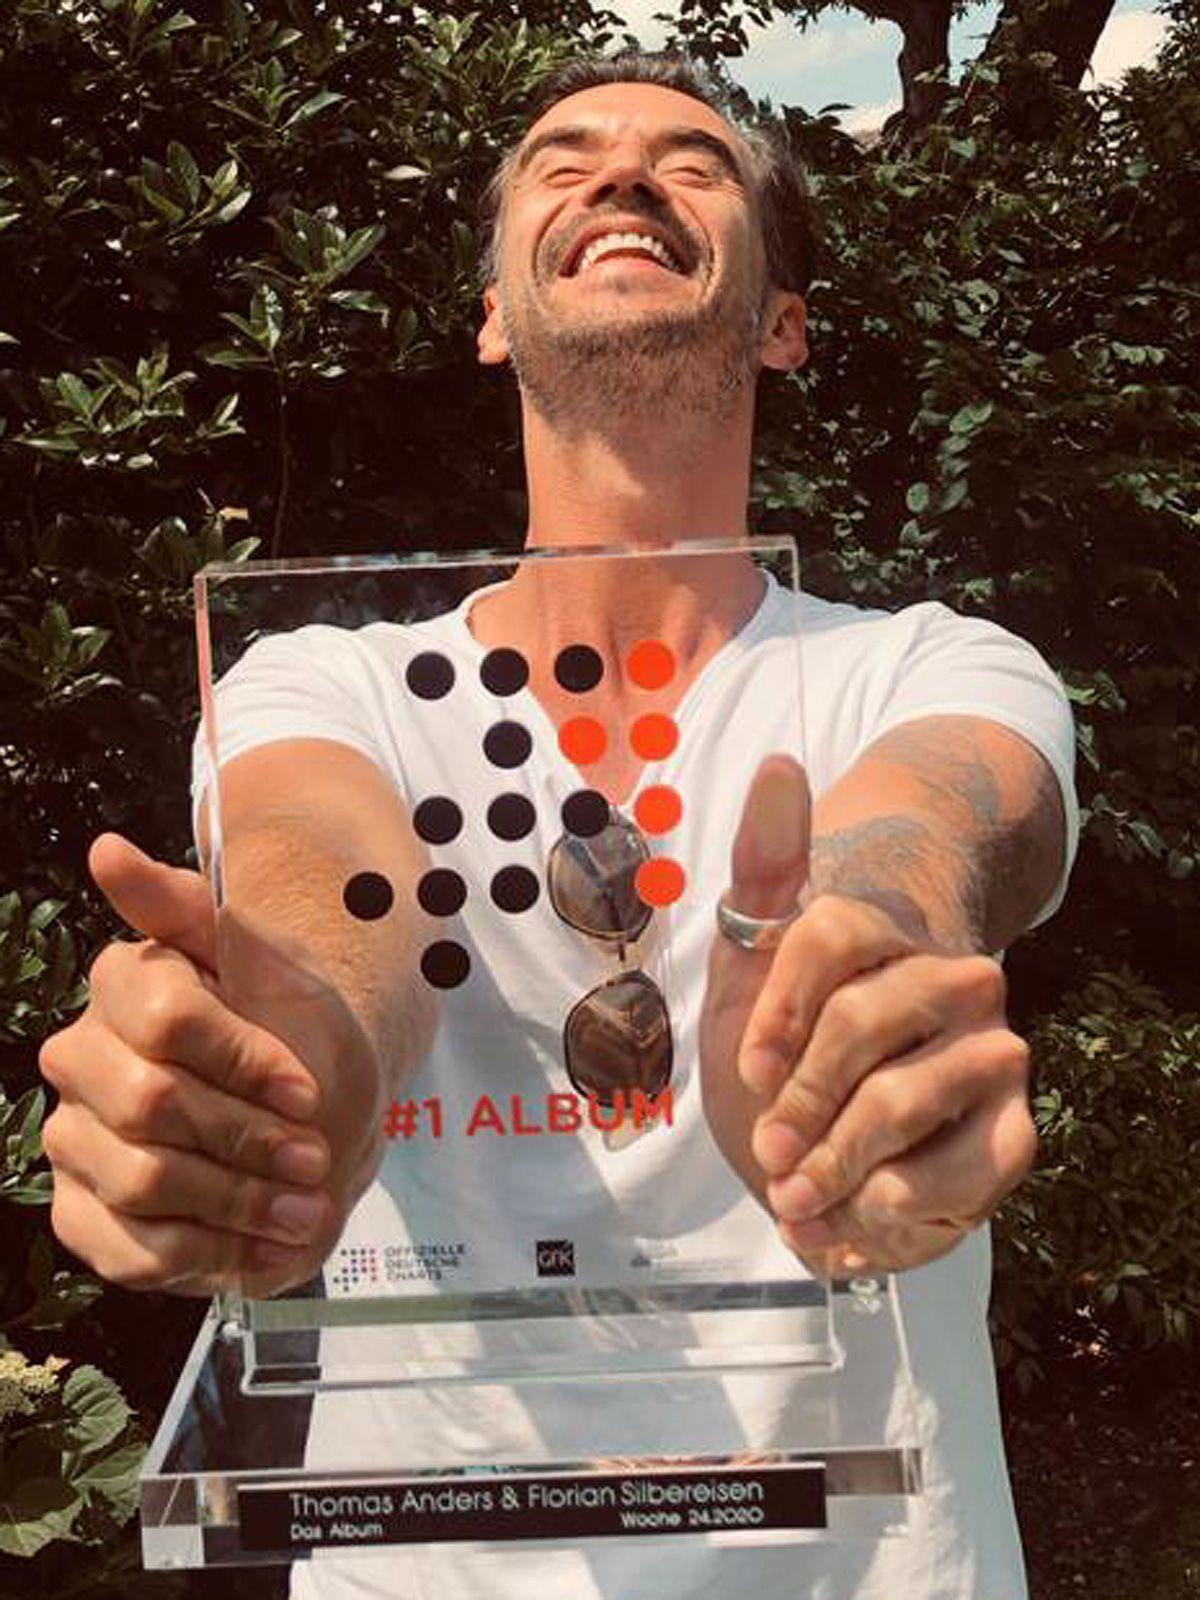 Florian Silbereisen und Thomas Anders: Wie gut ist ihr neues Nr.1- Album?